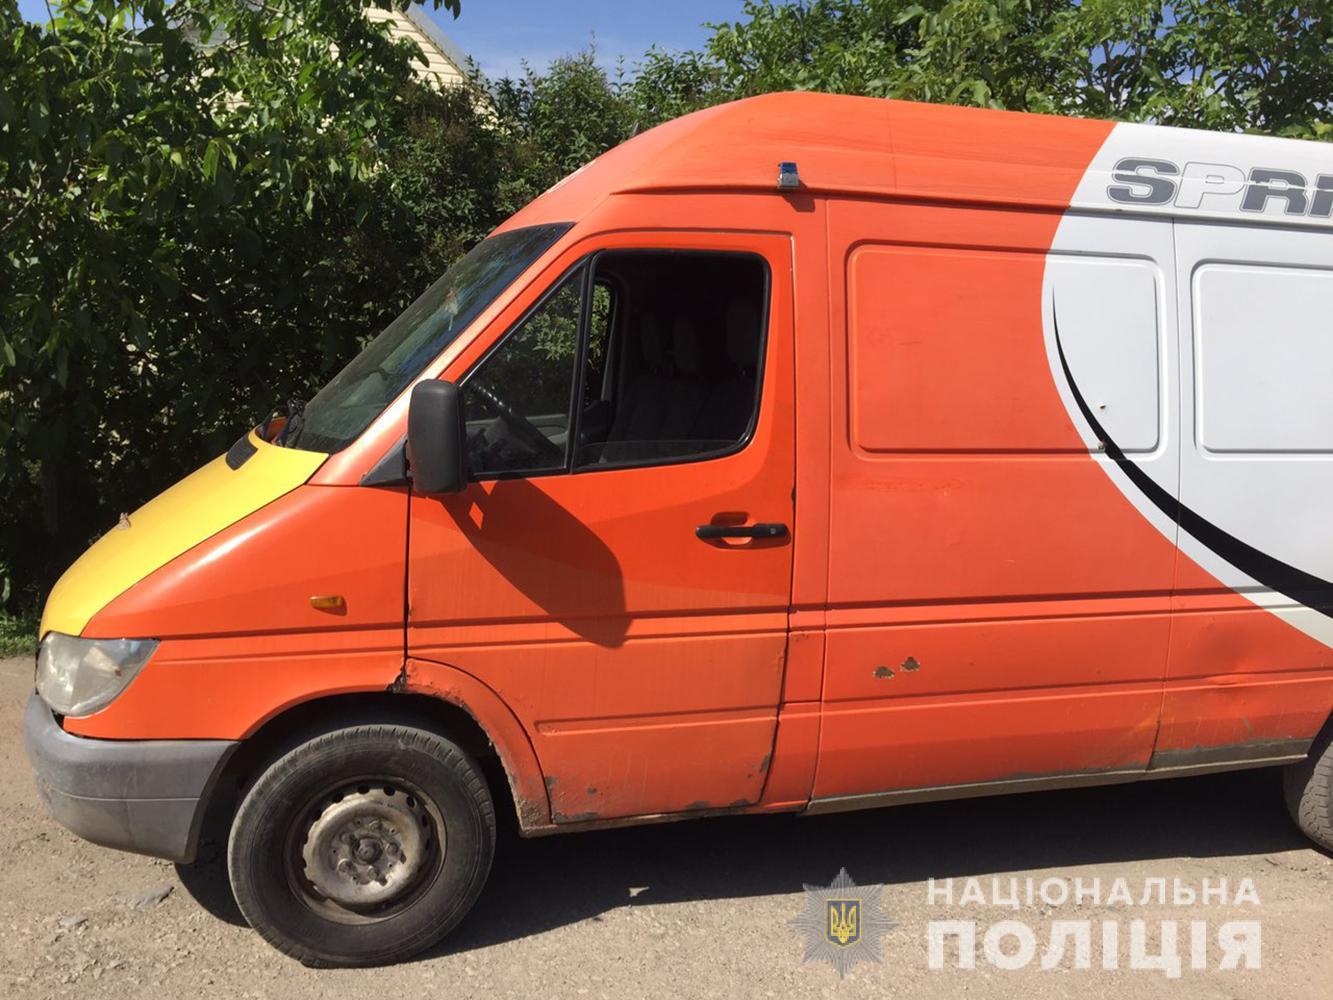 В Запорожской области вор украл из микроавтобуса сумку с деньгами - ФОТО